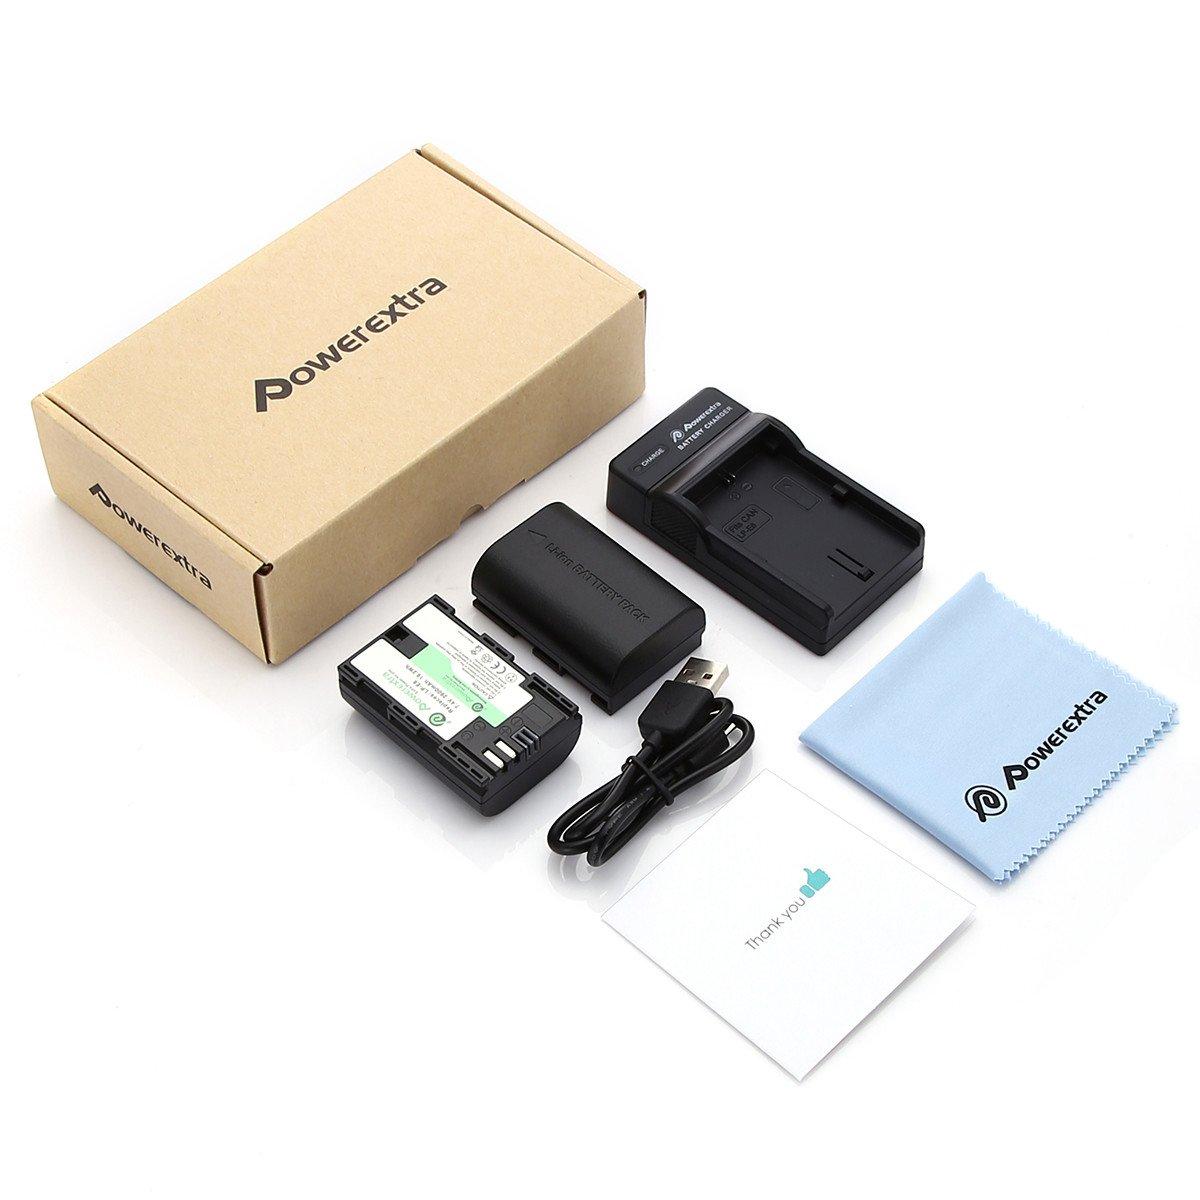 Powerextra 2 paquetes LP-E6 Reemplazo Batería Recargable con Cargador Para Canon 70D, 5D Mark II, 6D, 7D, 5D Mark III DSLR Cámaras